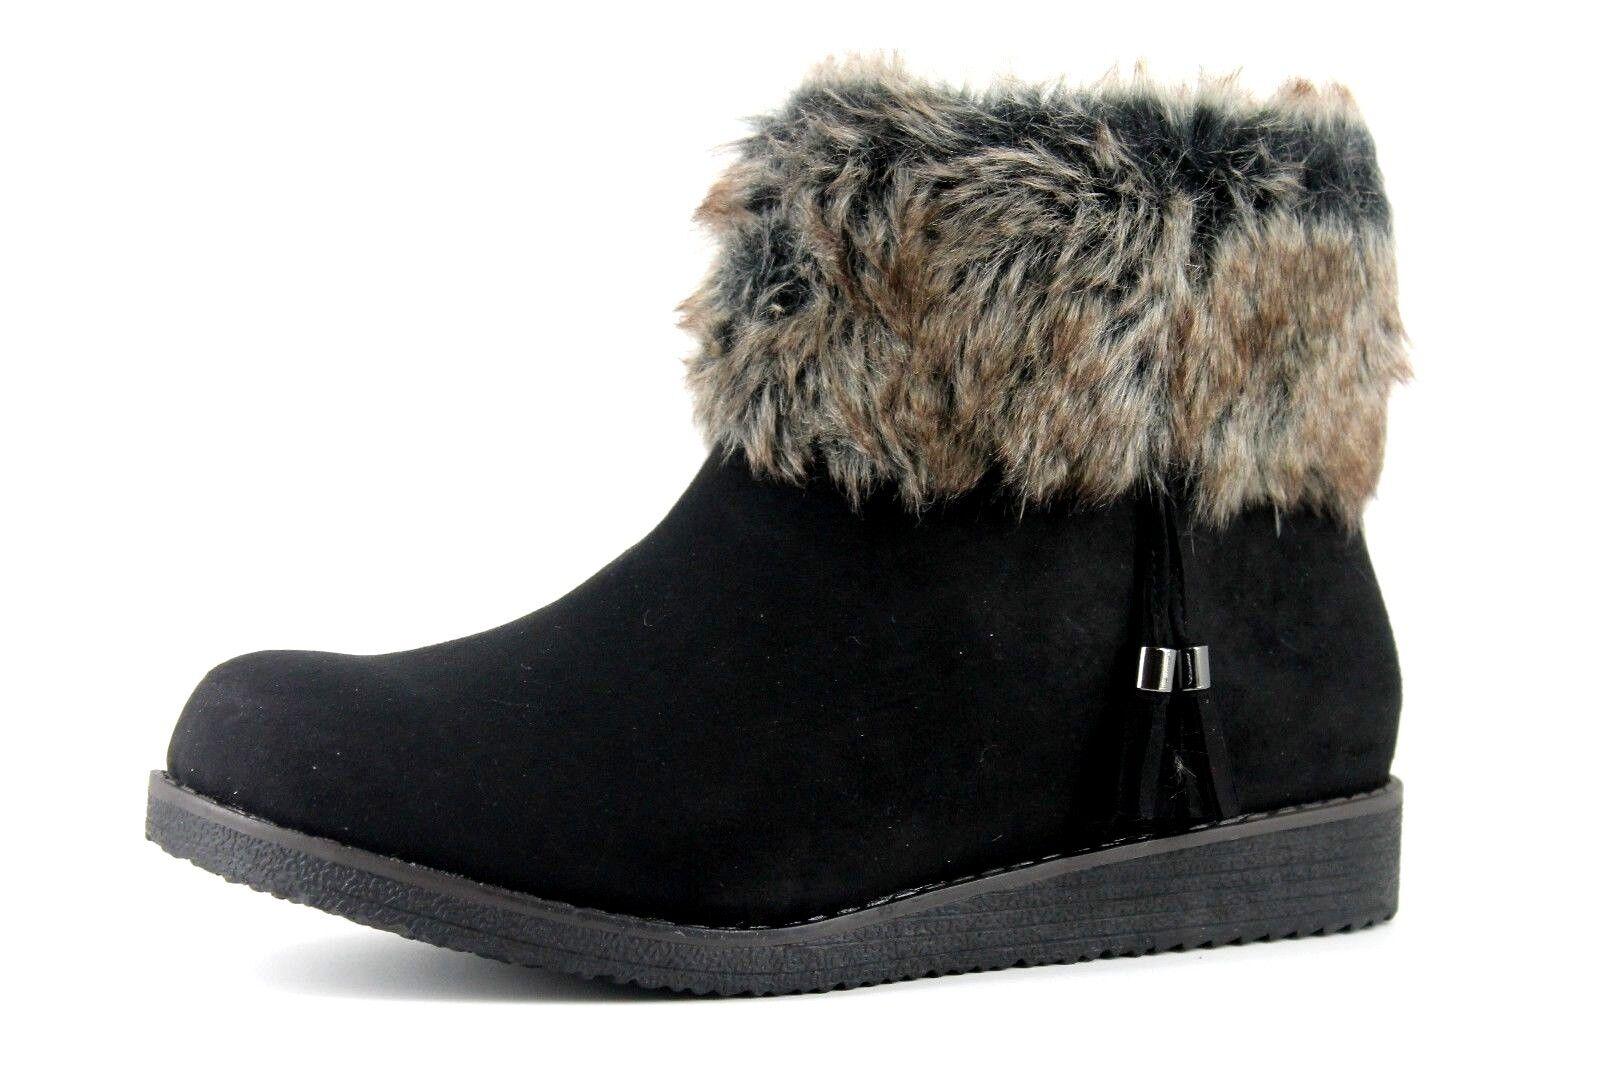 Evans Ashley Womens UK 8 E Wide Fit Fit Fit Black Suedette Faux Fur Zip Up Ankle Boots bb1015